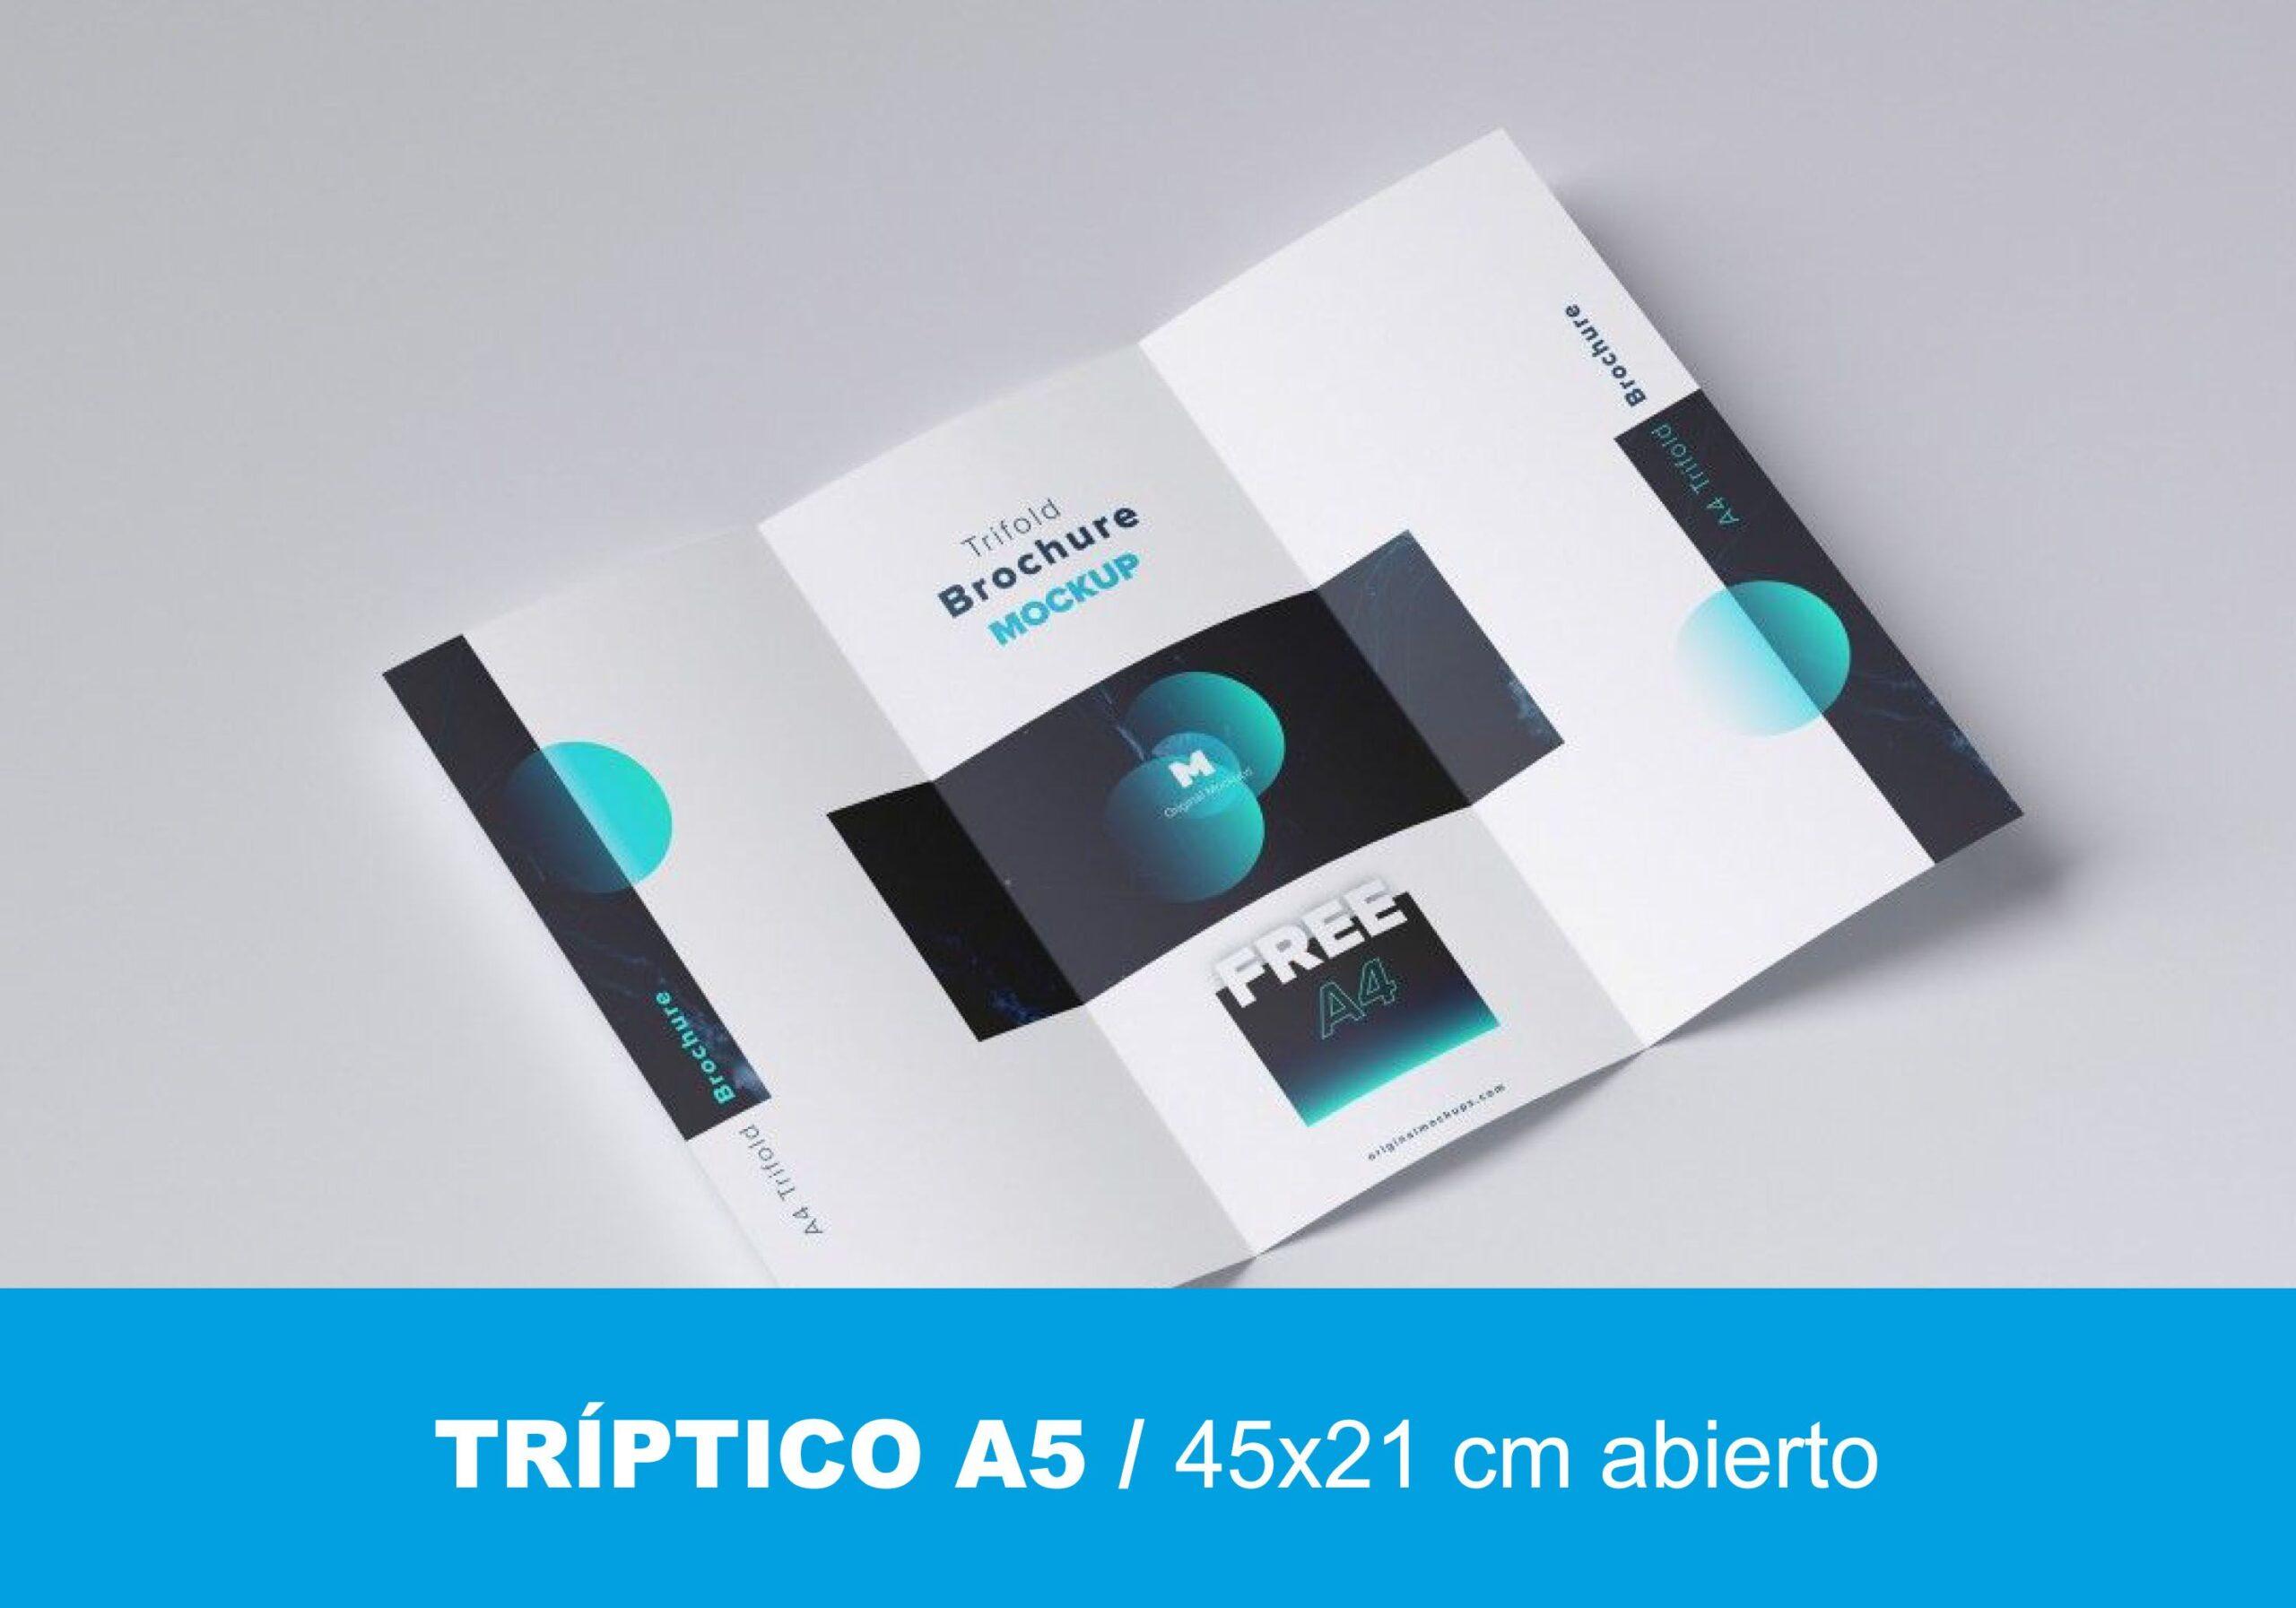 Tríptico A5